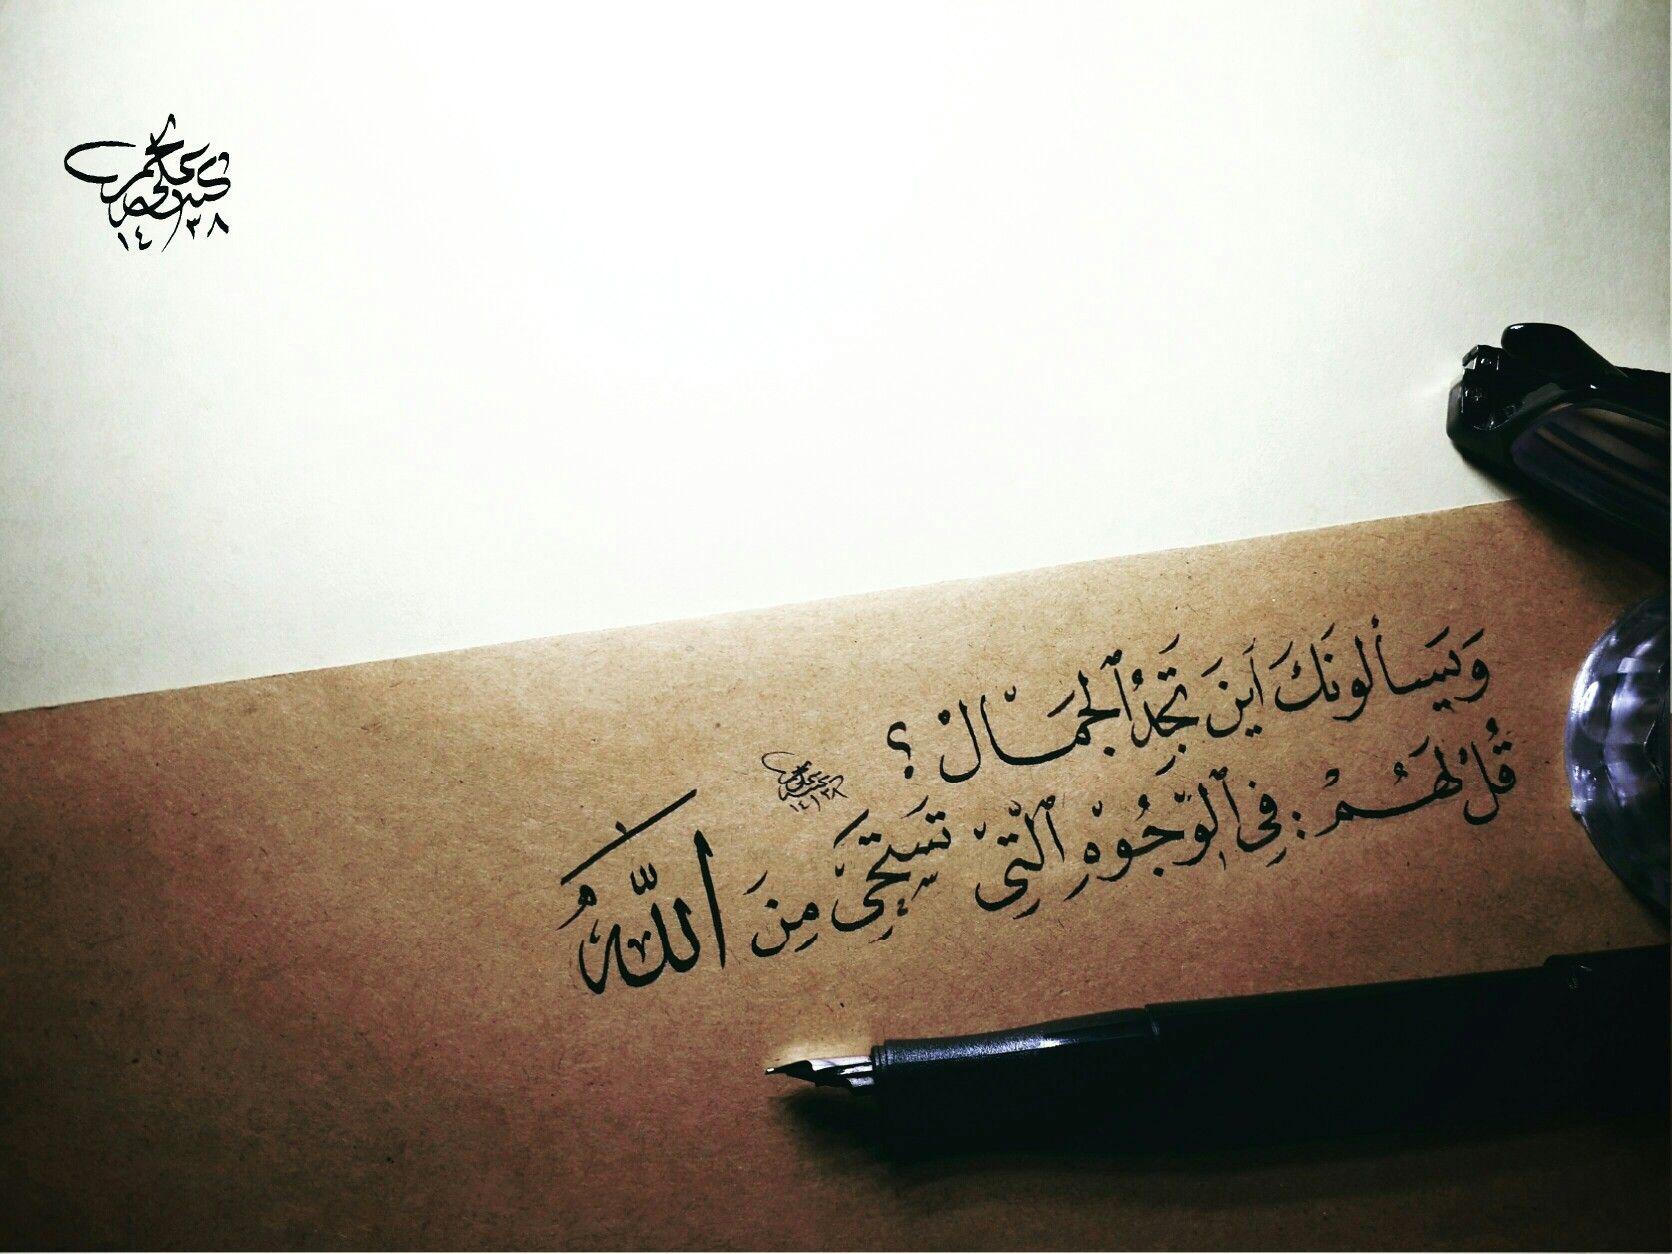 و يسألونك أين تجد الجمال قل لهم في الوجوه التي تستحي من الله جلال الدين الرومي خطي نسخ ثلث Allah Calligraphy I Tattoo Quotes